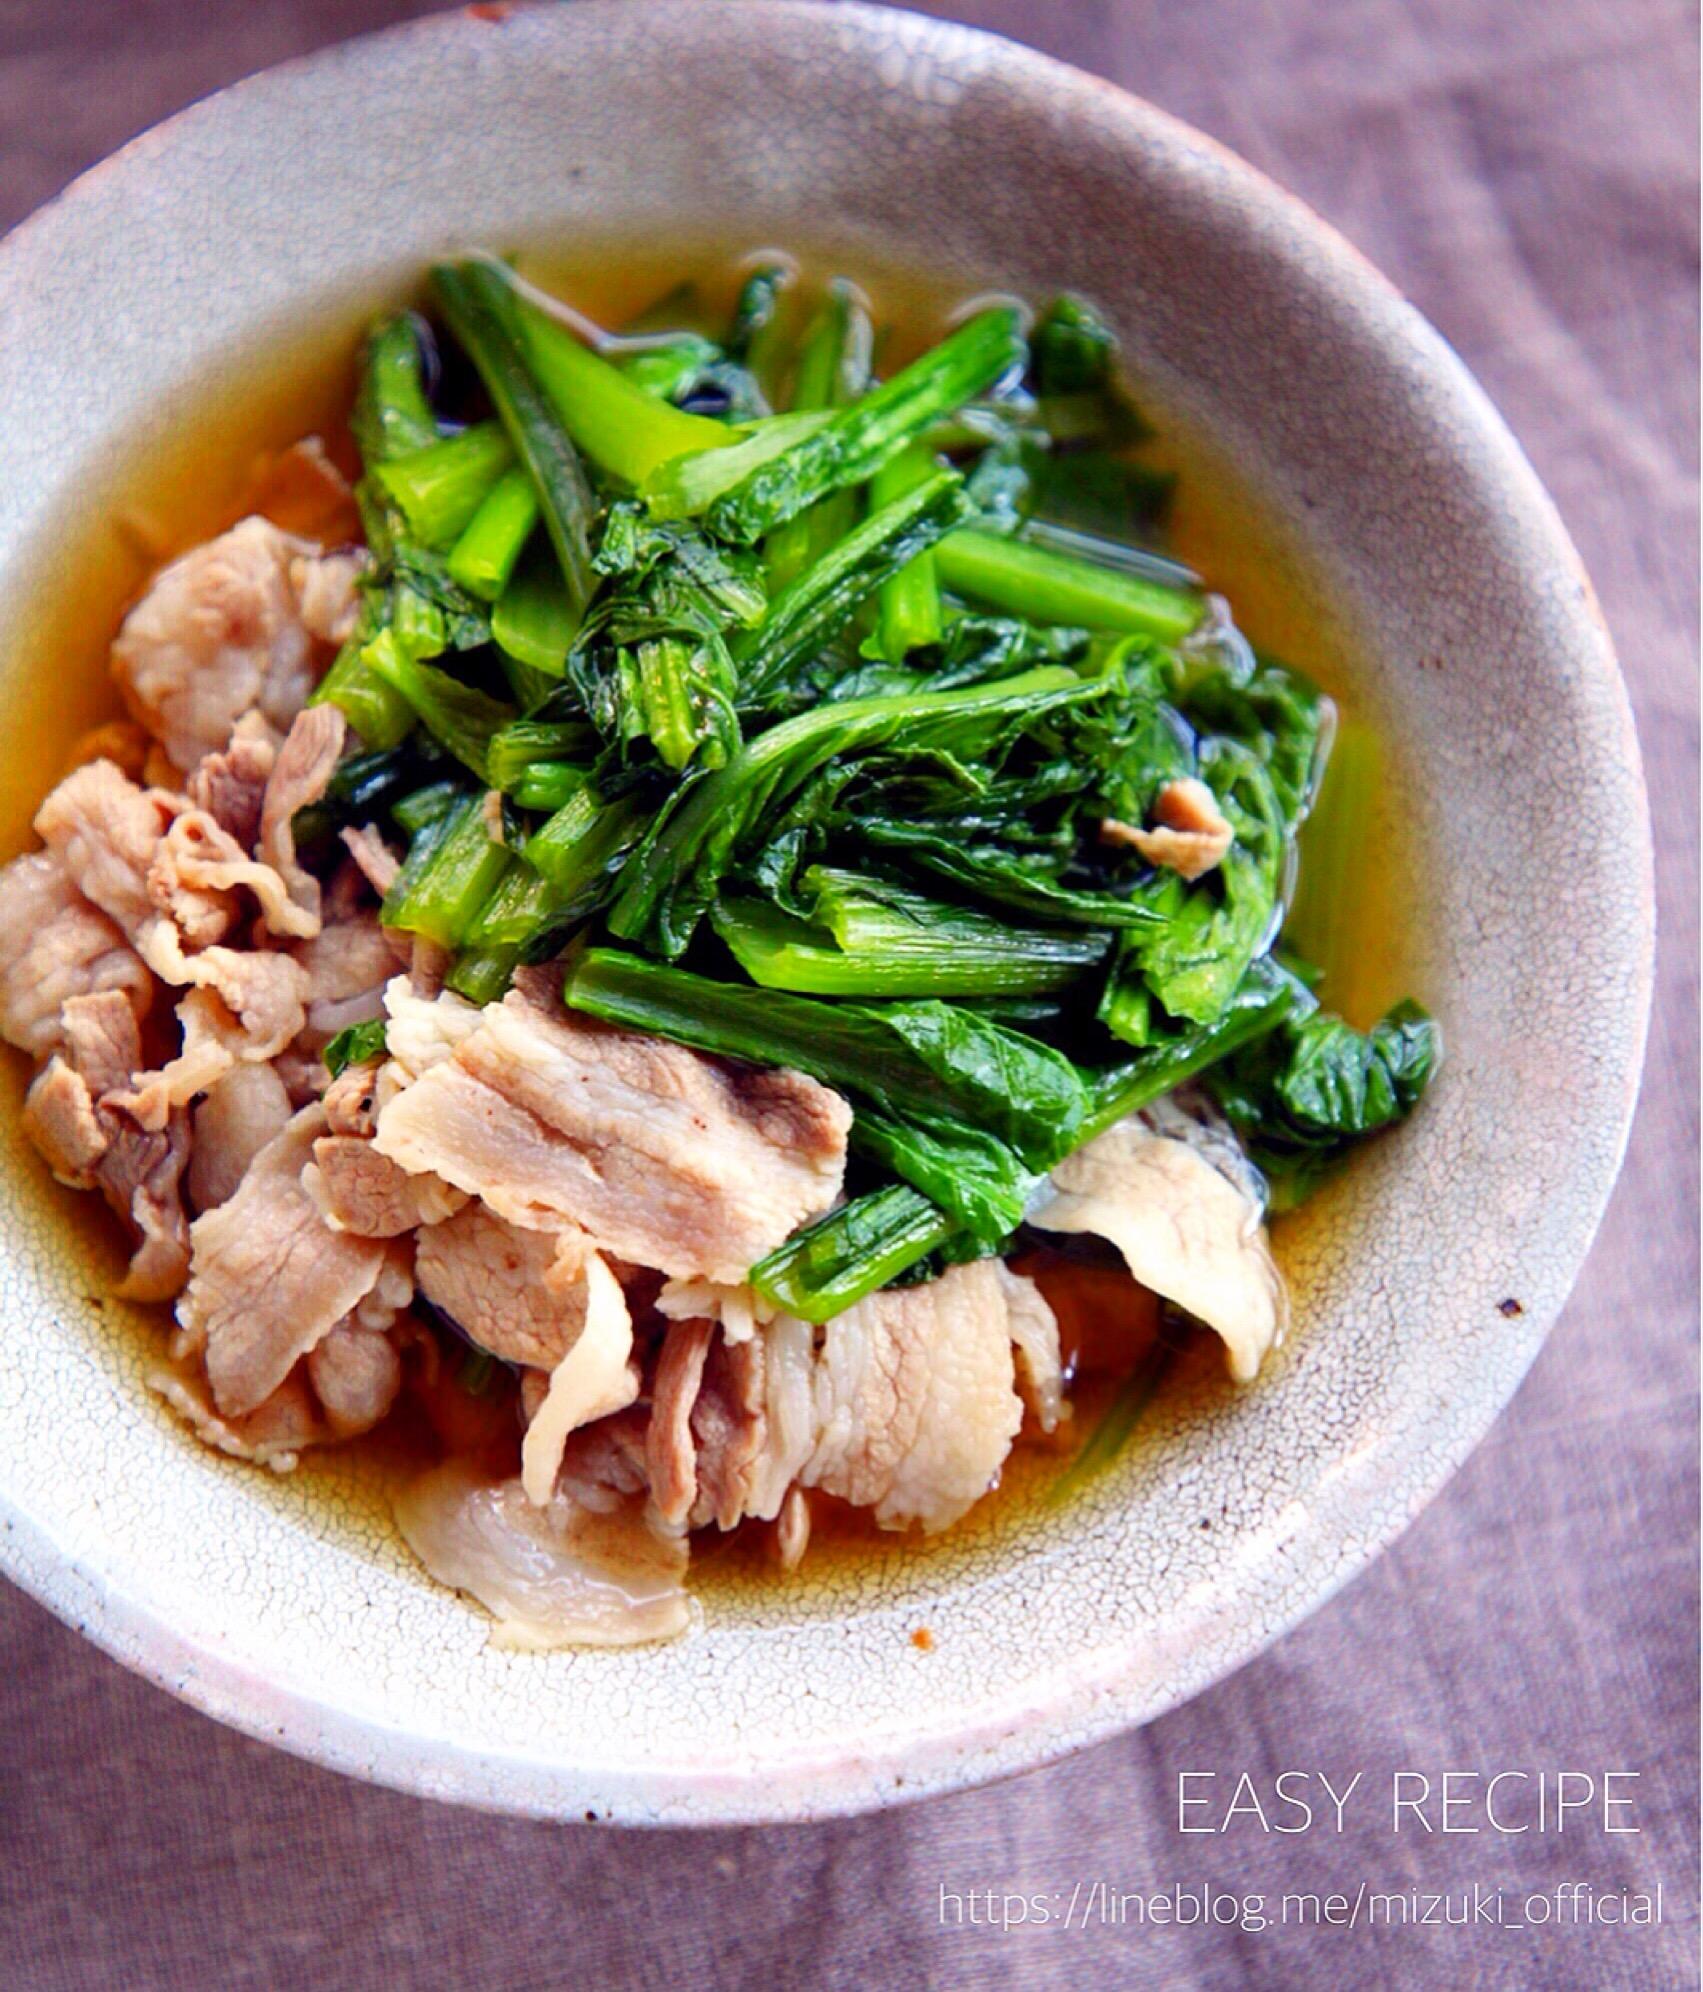 小松菜の冷凍方法2つ|保存期間やおすすめ解凍方法のご紹介